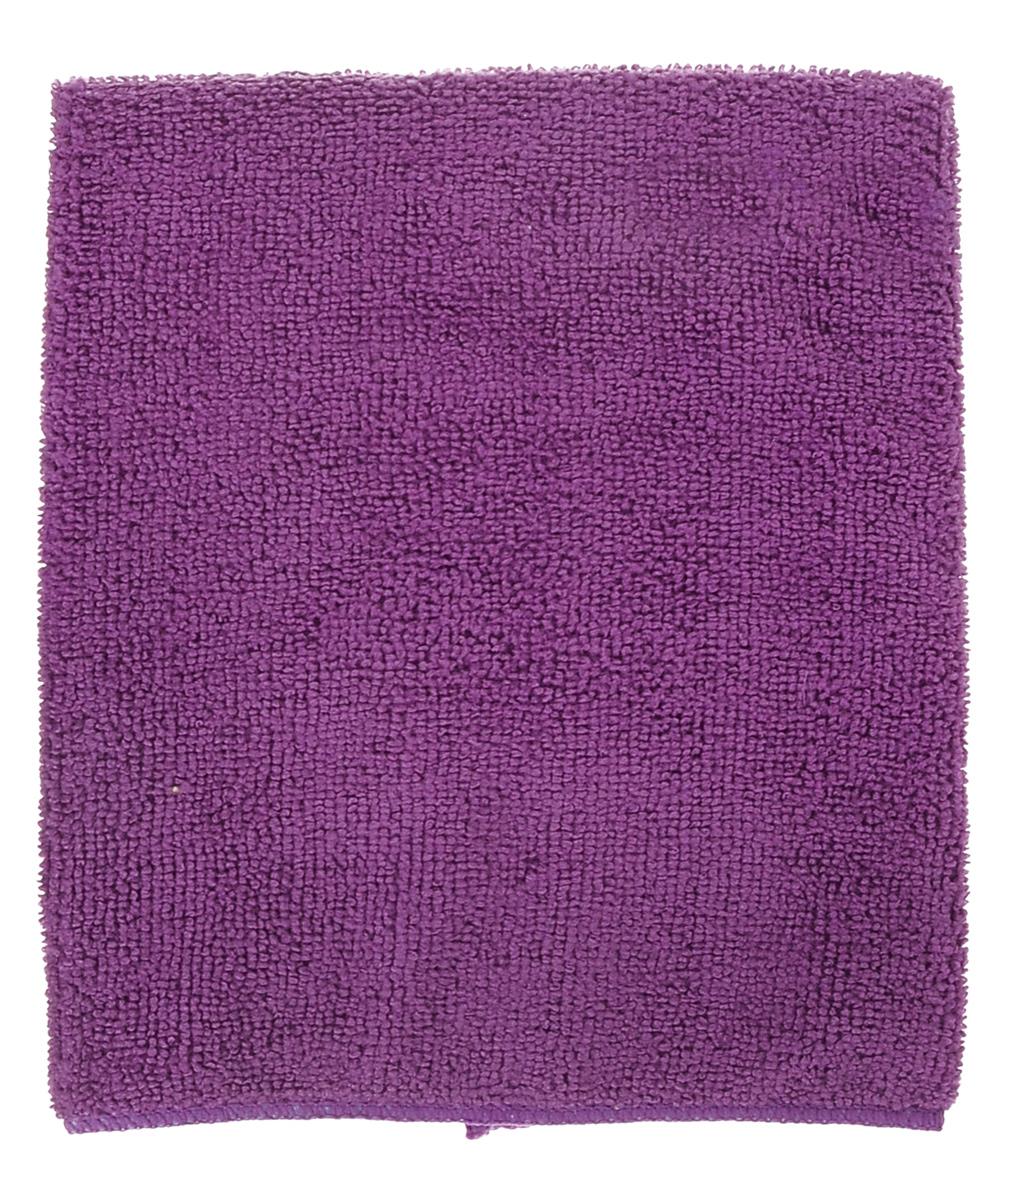 Салфетка универсальная York Prestige, впитывающая, цвет: фиолетовый, 38 х 38 см2613Салфетка York Prestige, изготовленная из микрофибры (полиамида и полиэстера), предназначена для сухой и влажной уборки. Подходит для ухода за любыми поверхностями. Не оставляет разводов и ворсинок. Обладает отличными впитывающими свойствами.